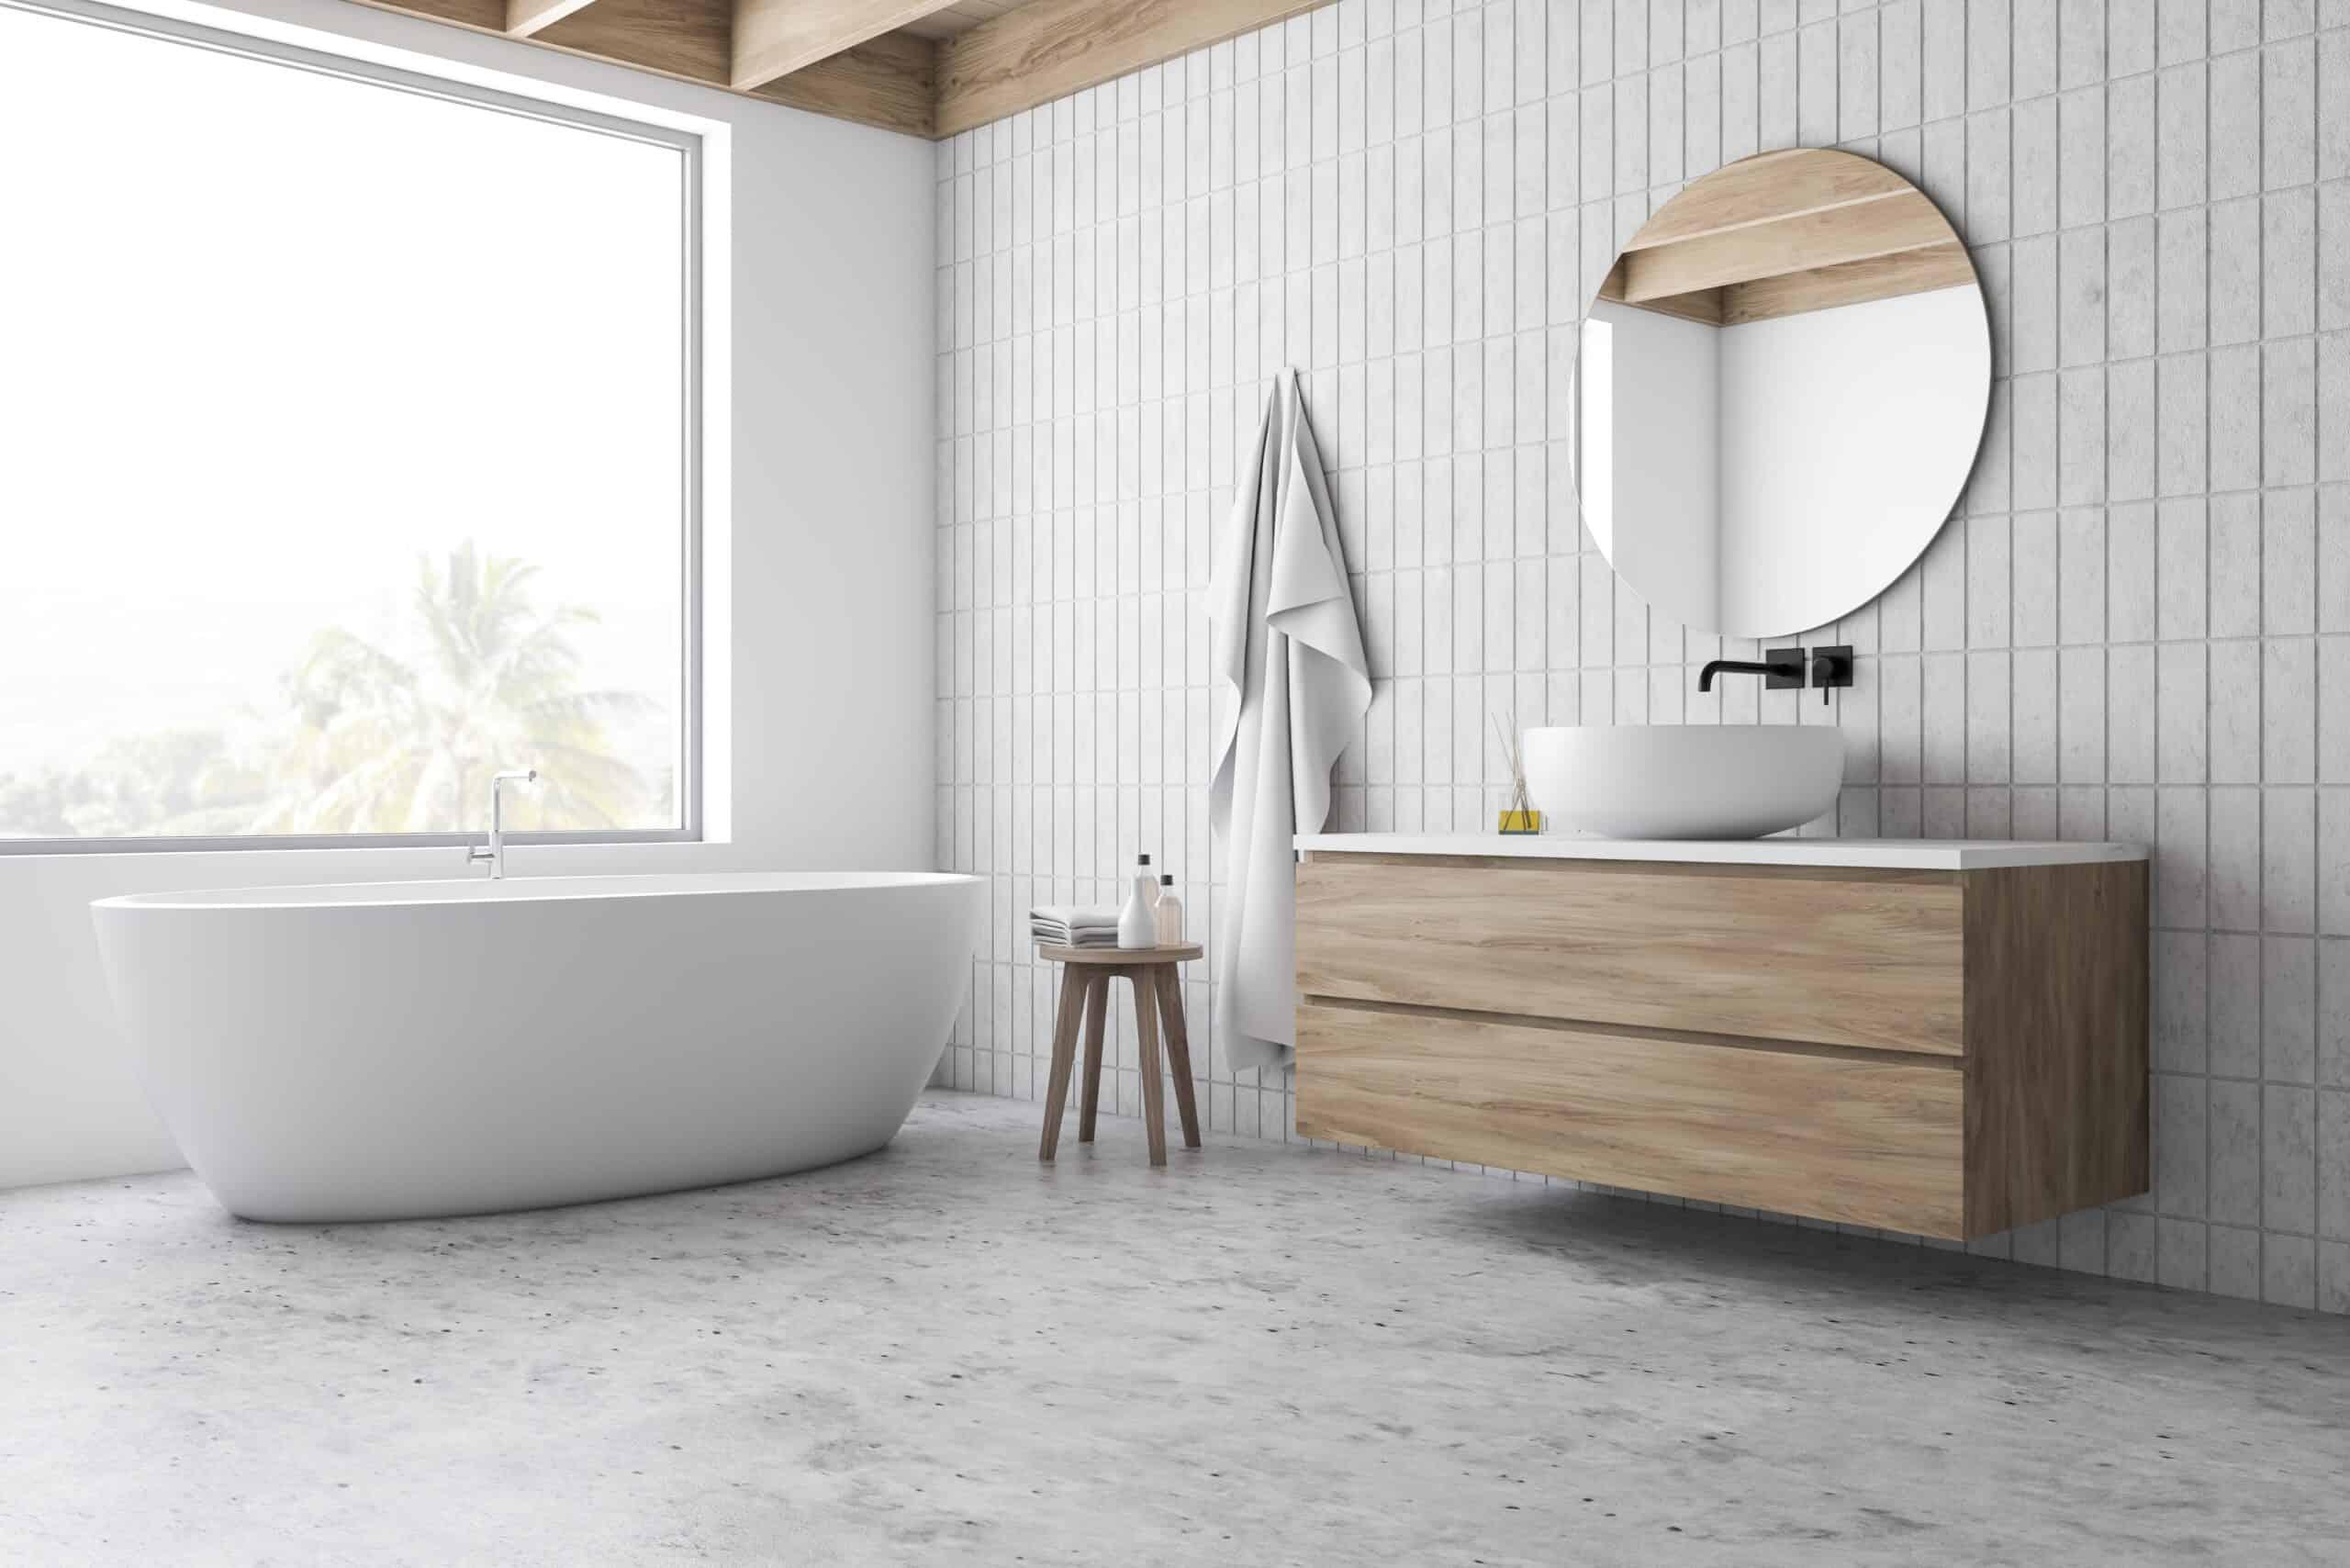 Consejos para elegir adecuadamente los azulejos del baño